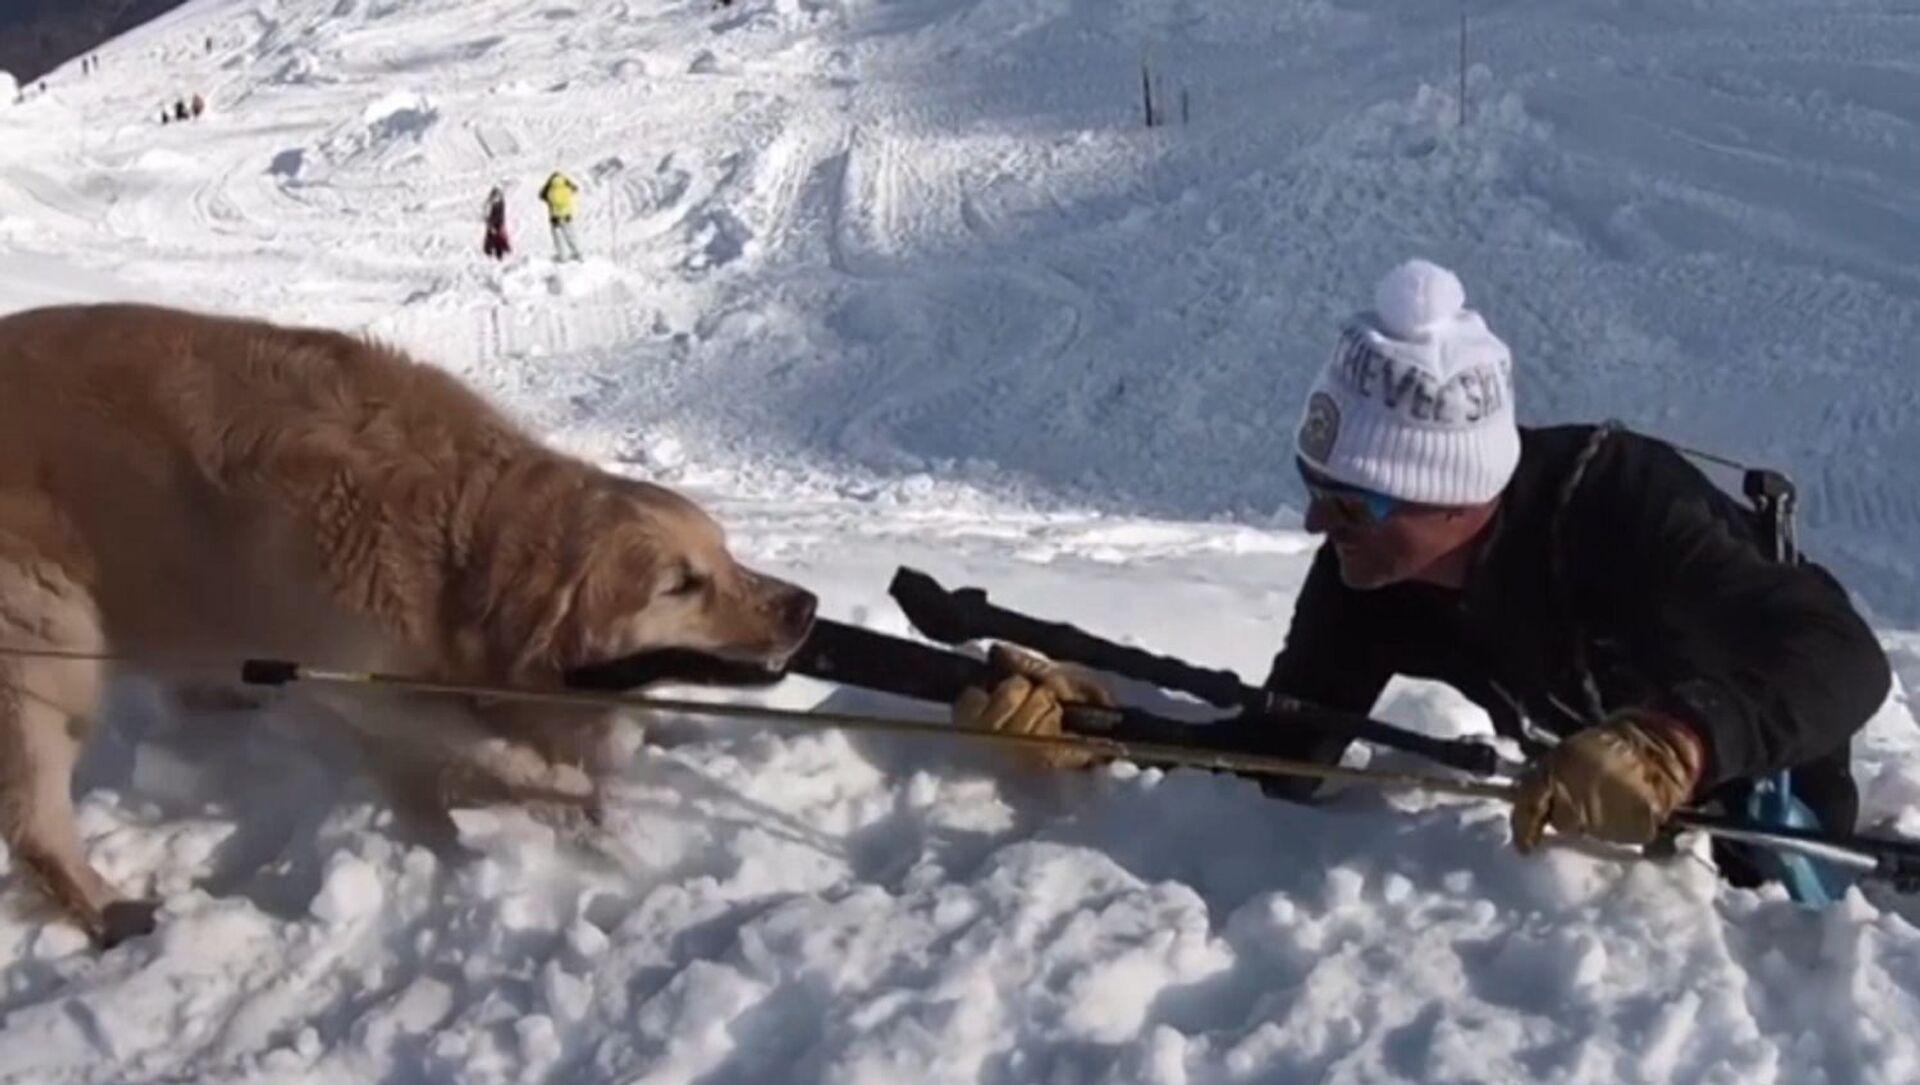 Esperimento, blogger di YouTube sepolto in una grotta di neve e salvato da un cane - Sputnik Italia, 1920, 05.04.2021